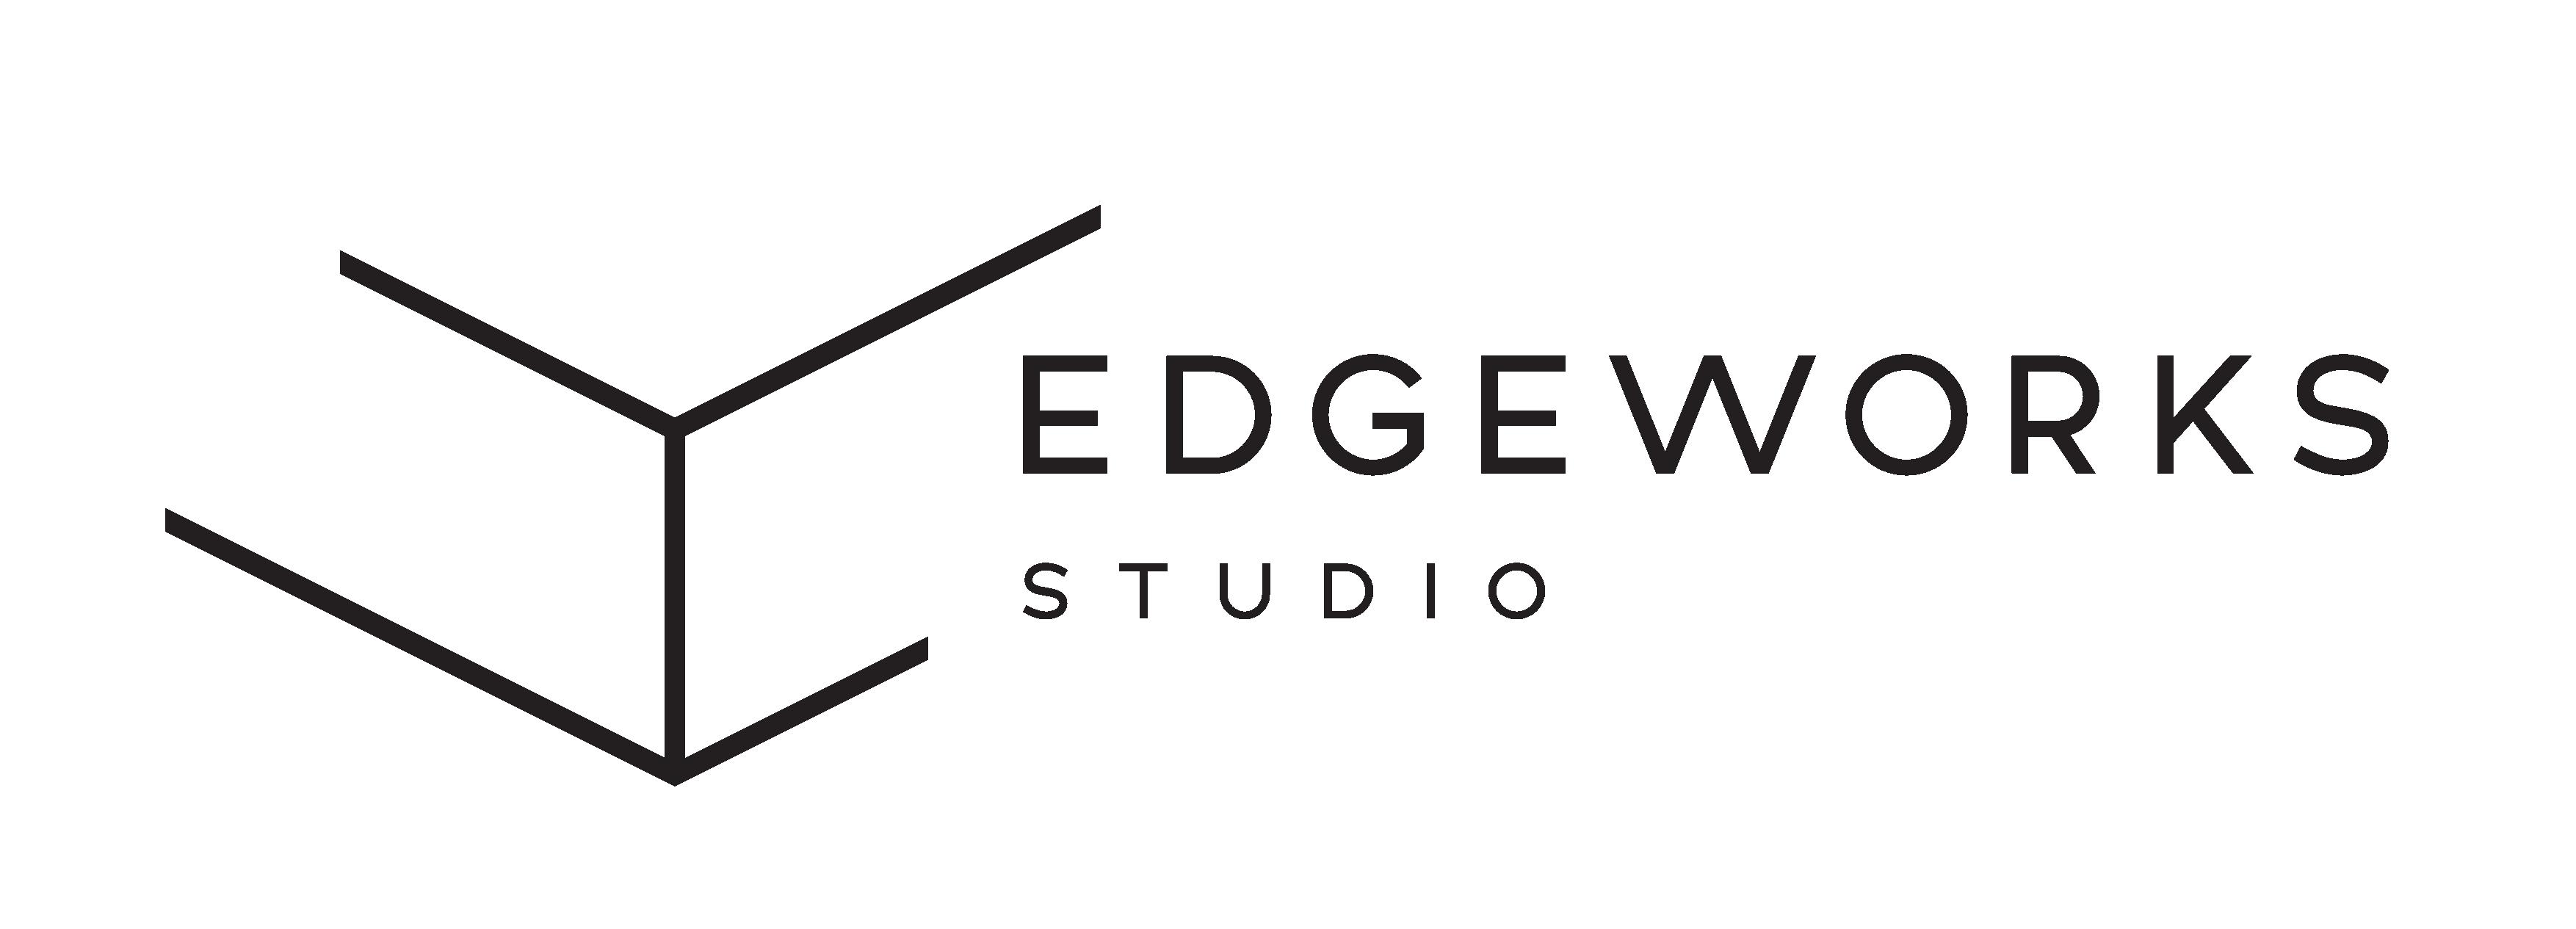 EdgeWorks Studio